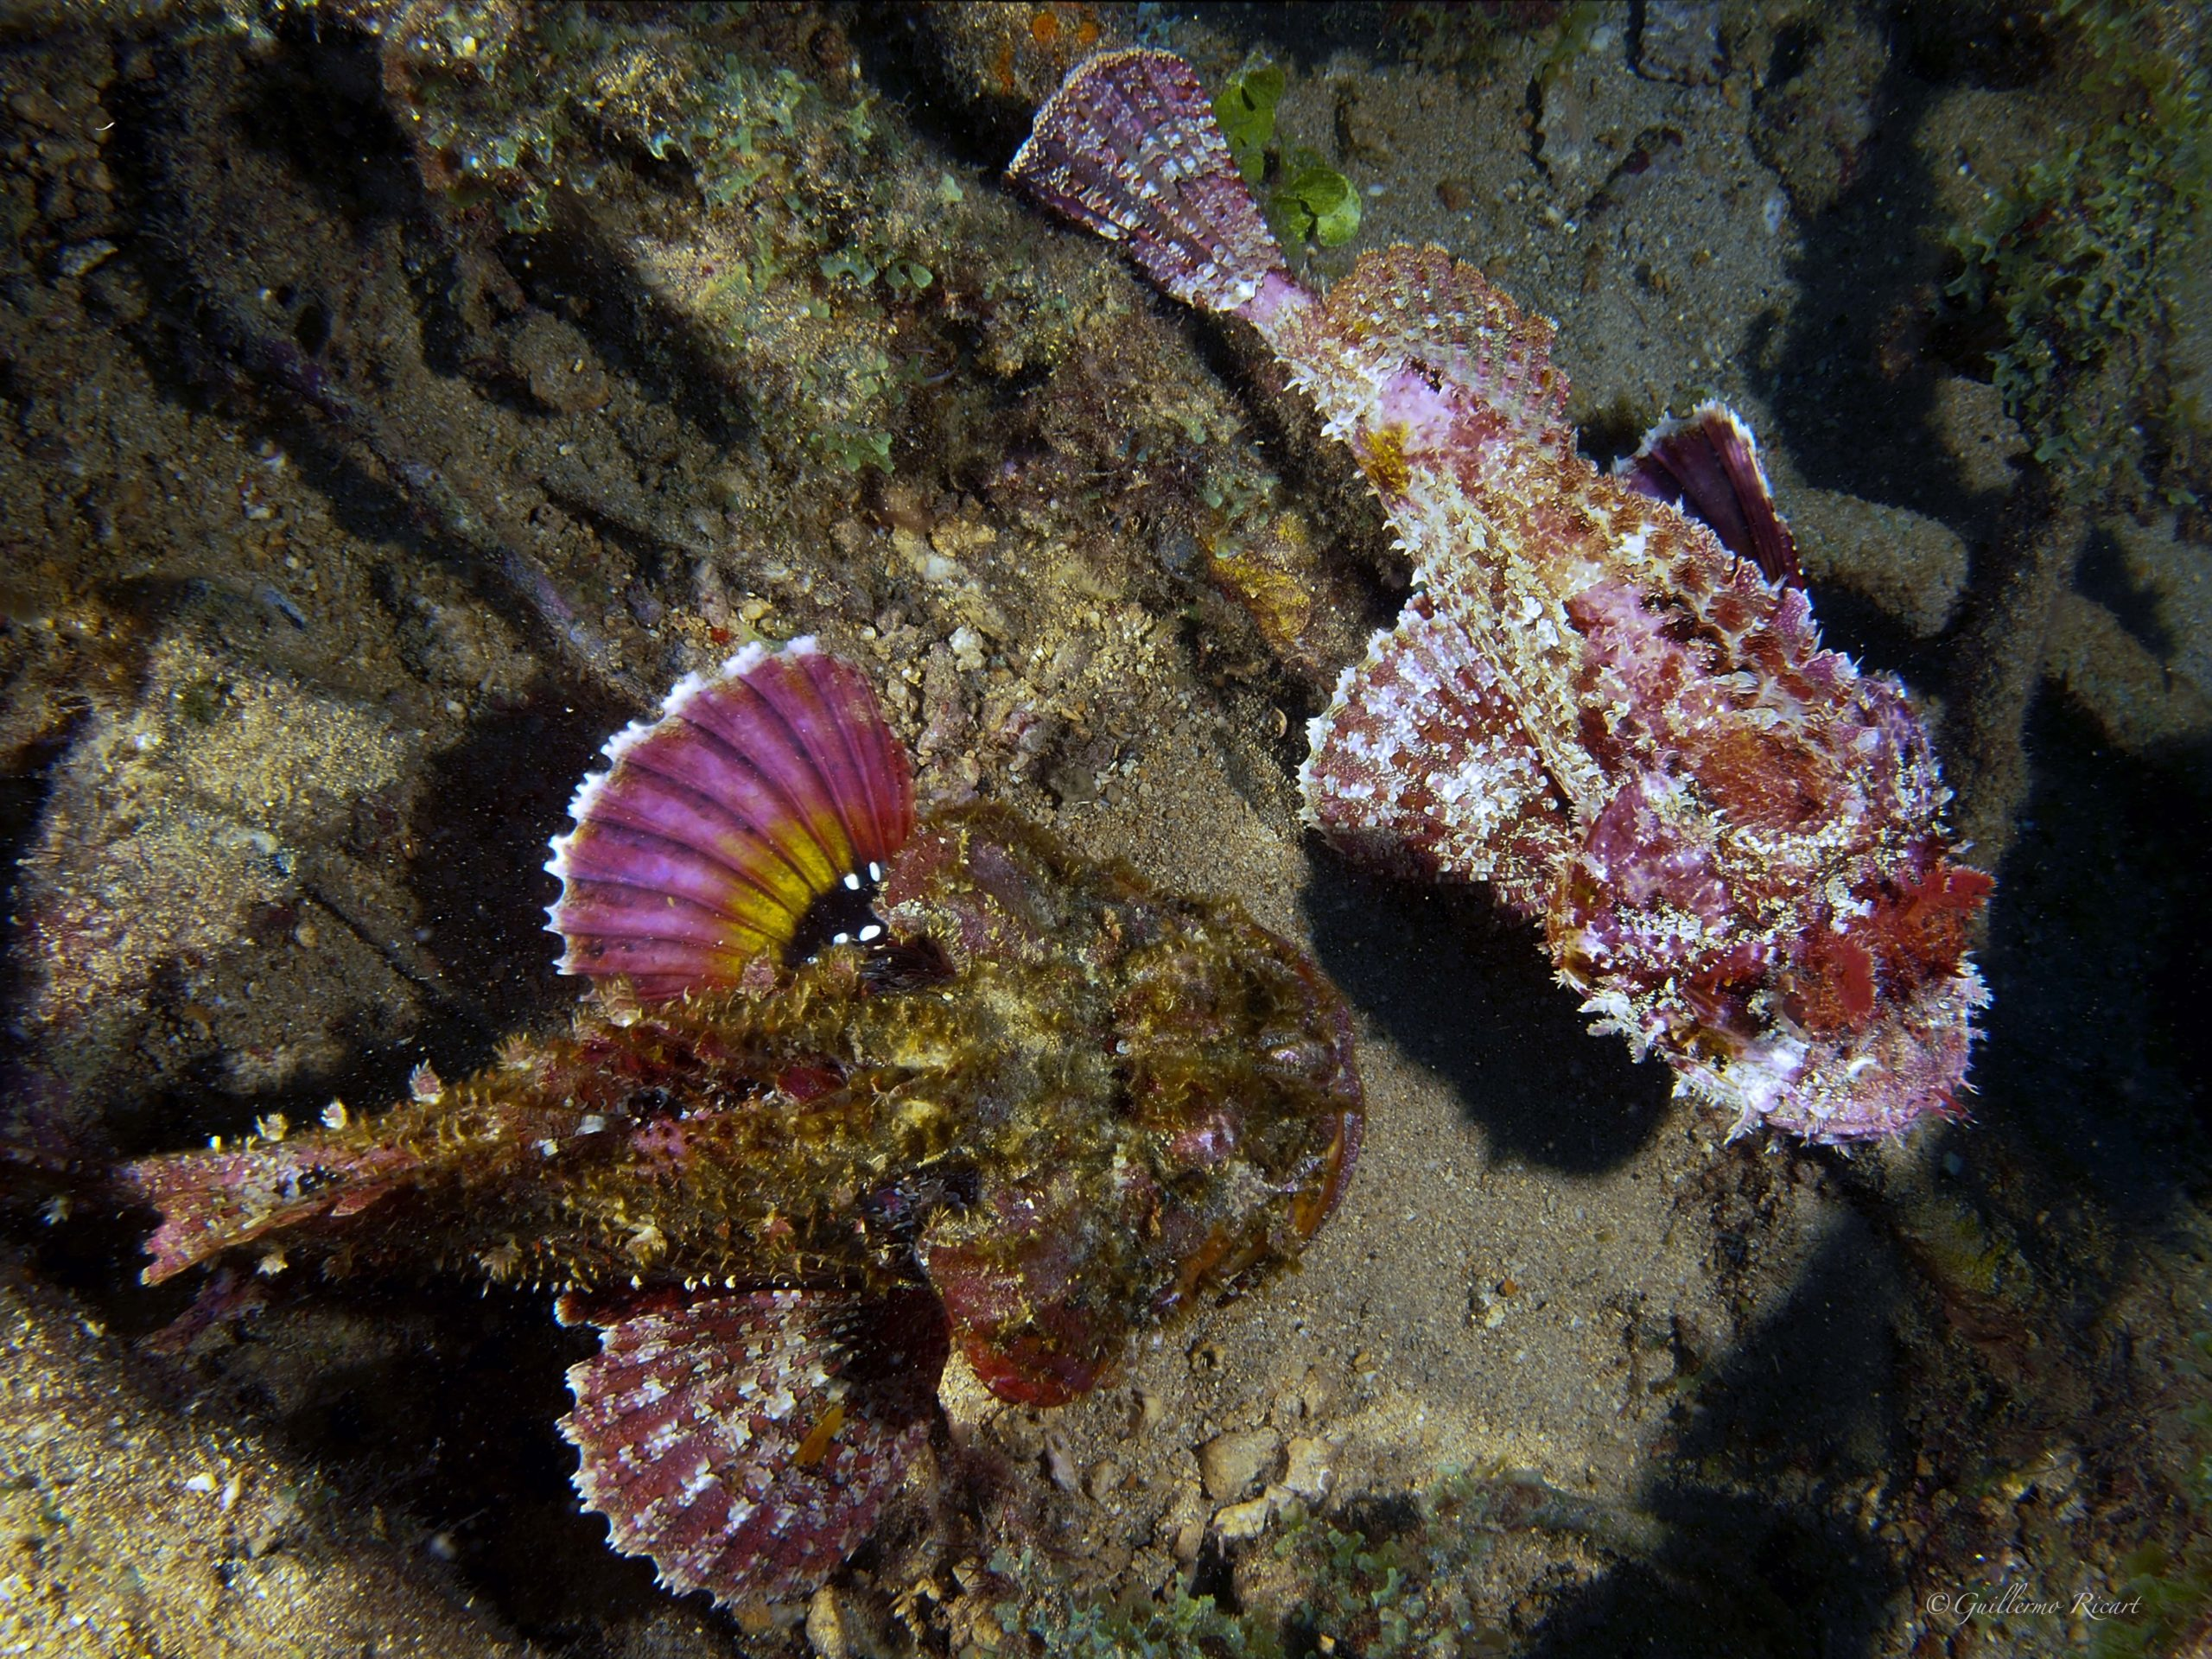 Una pareja de peces Escorpión o pez Piedra (Scorpaena plumieri), entre los restos de El Limón en El Parque Nacional Submarino La Caleta